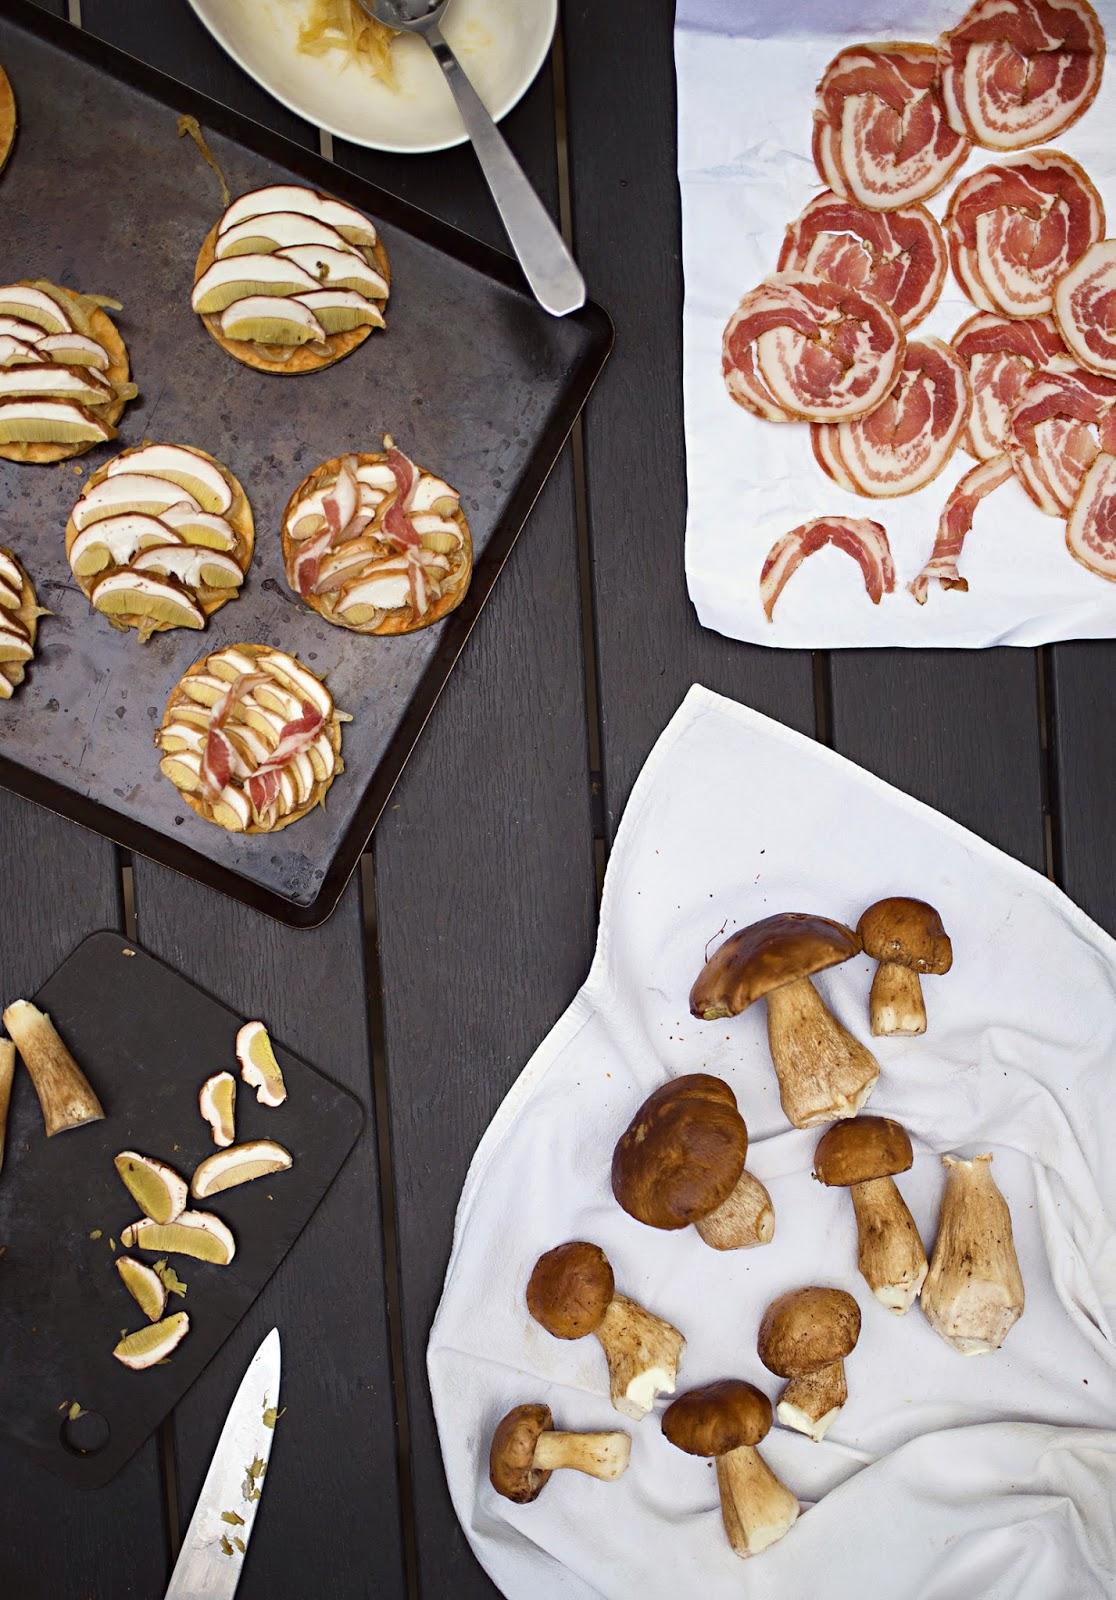 Bild von Kathrin Koschitzki aus dem Kochbuch Fabelhaft französisch von Cathlee Clarity, erschienen bei Callwey